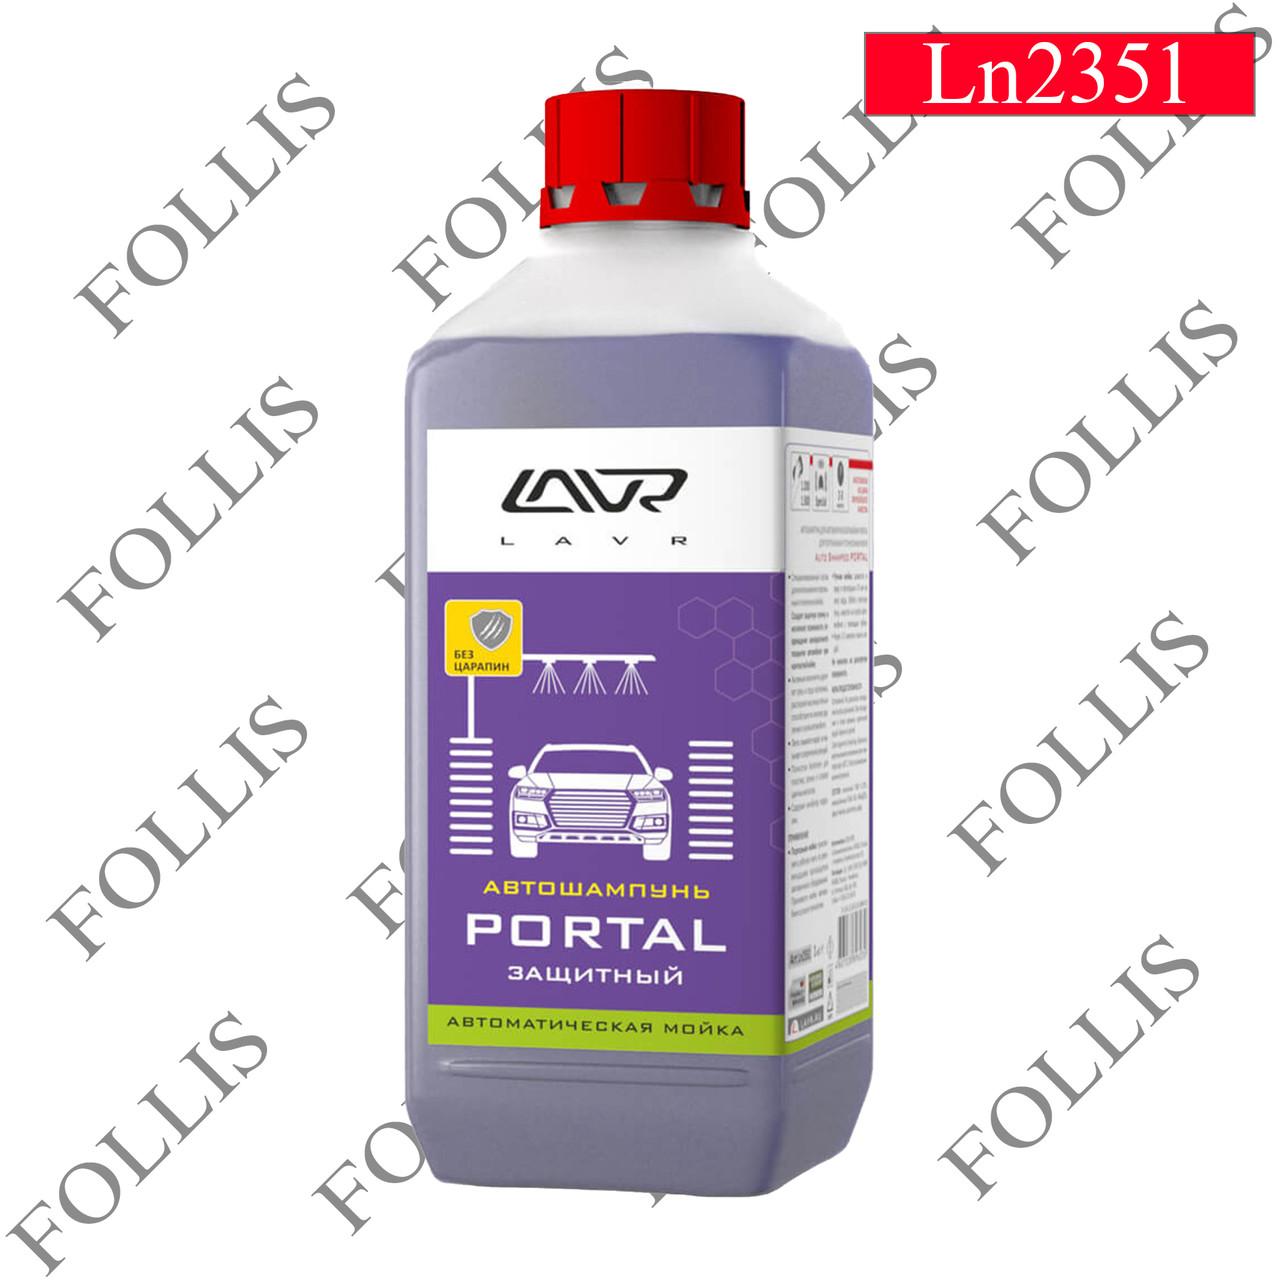 """Автошампунь """"PORTAL"""" Для портальных и тоннельных моек Auto Shampoo PORTAL  1 л"""